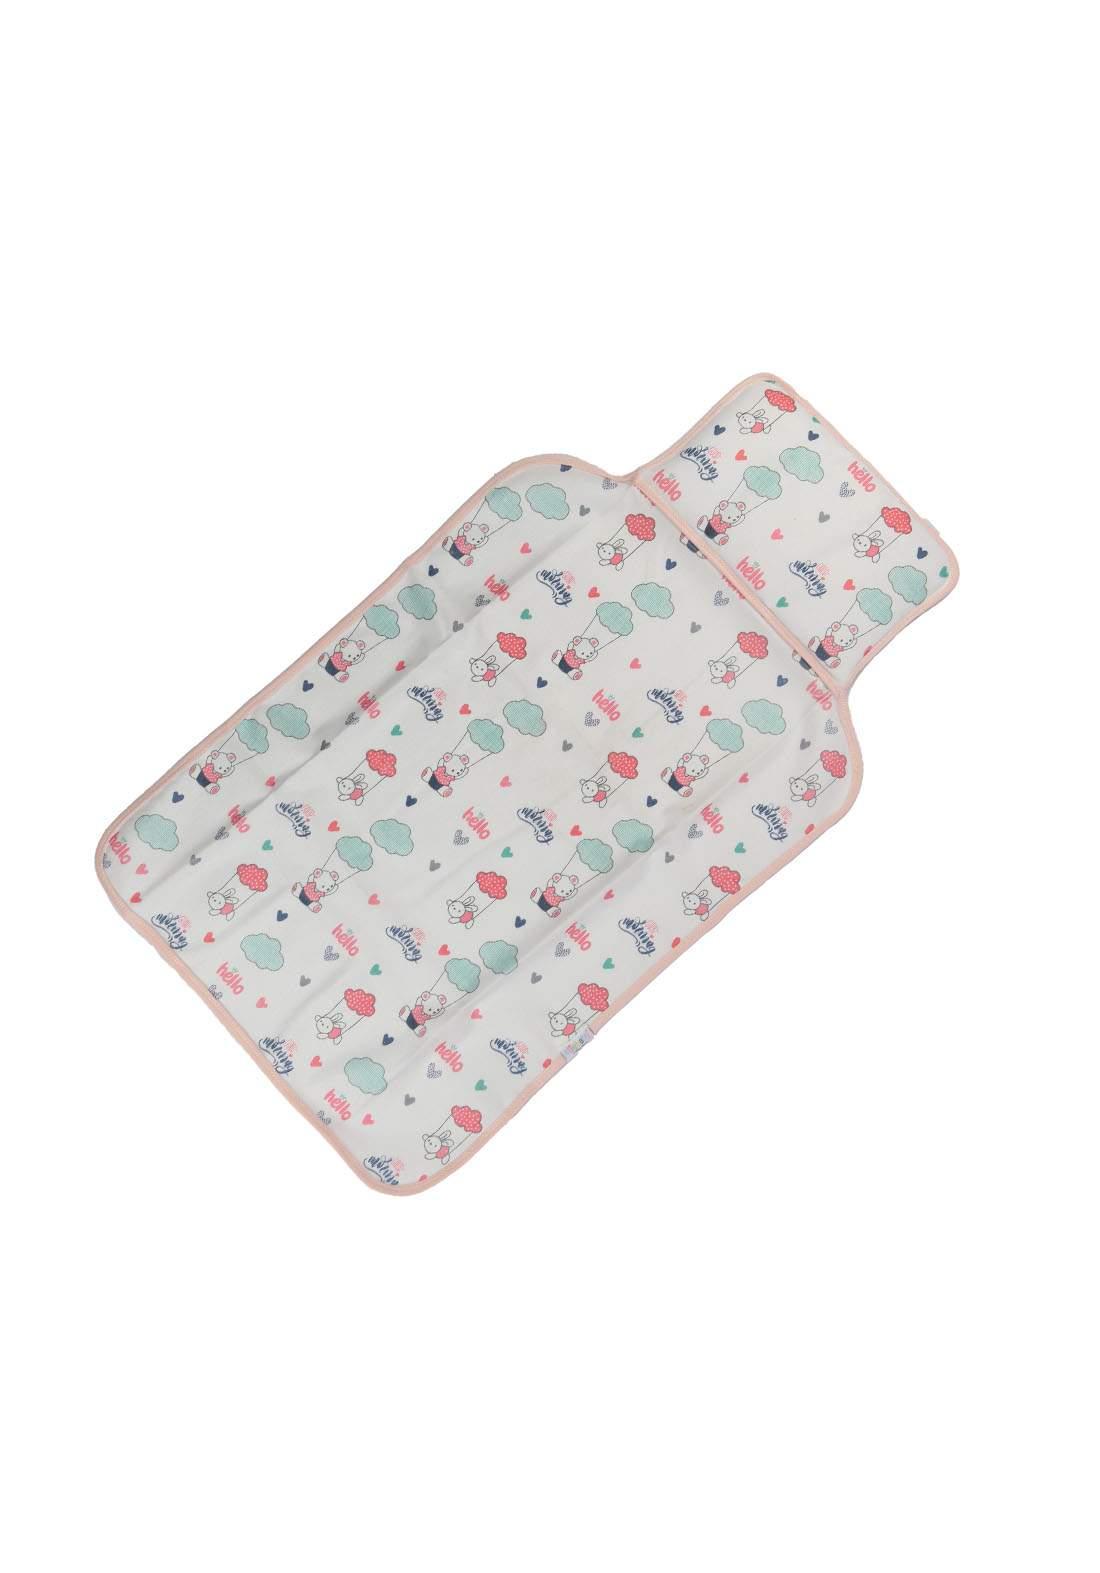 سرير للاطفال حديثي الولادة ابيض  ووردي اللون6002